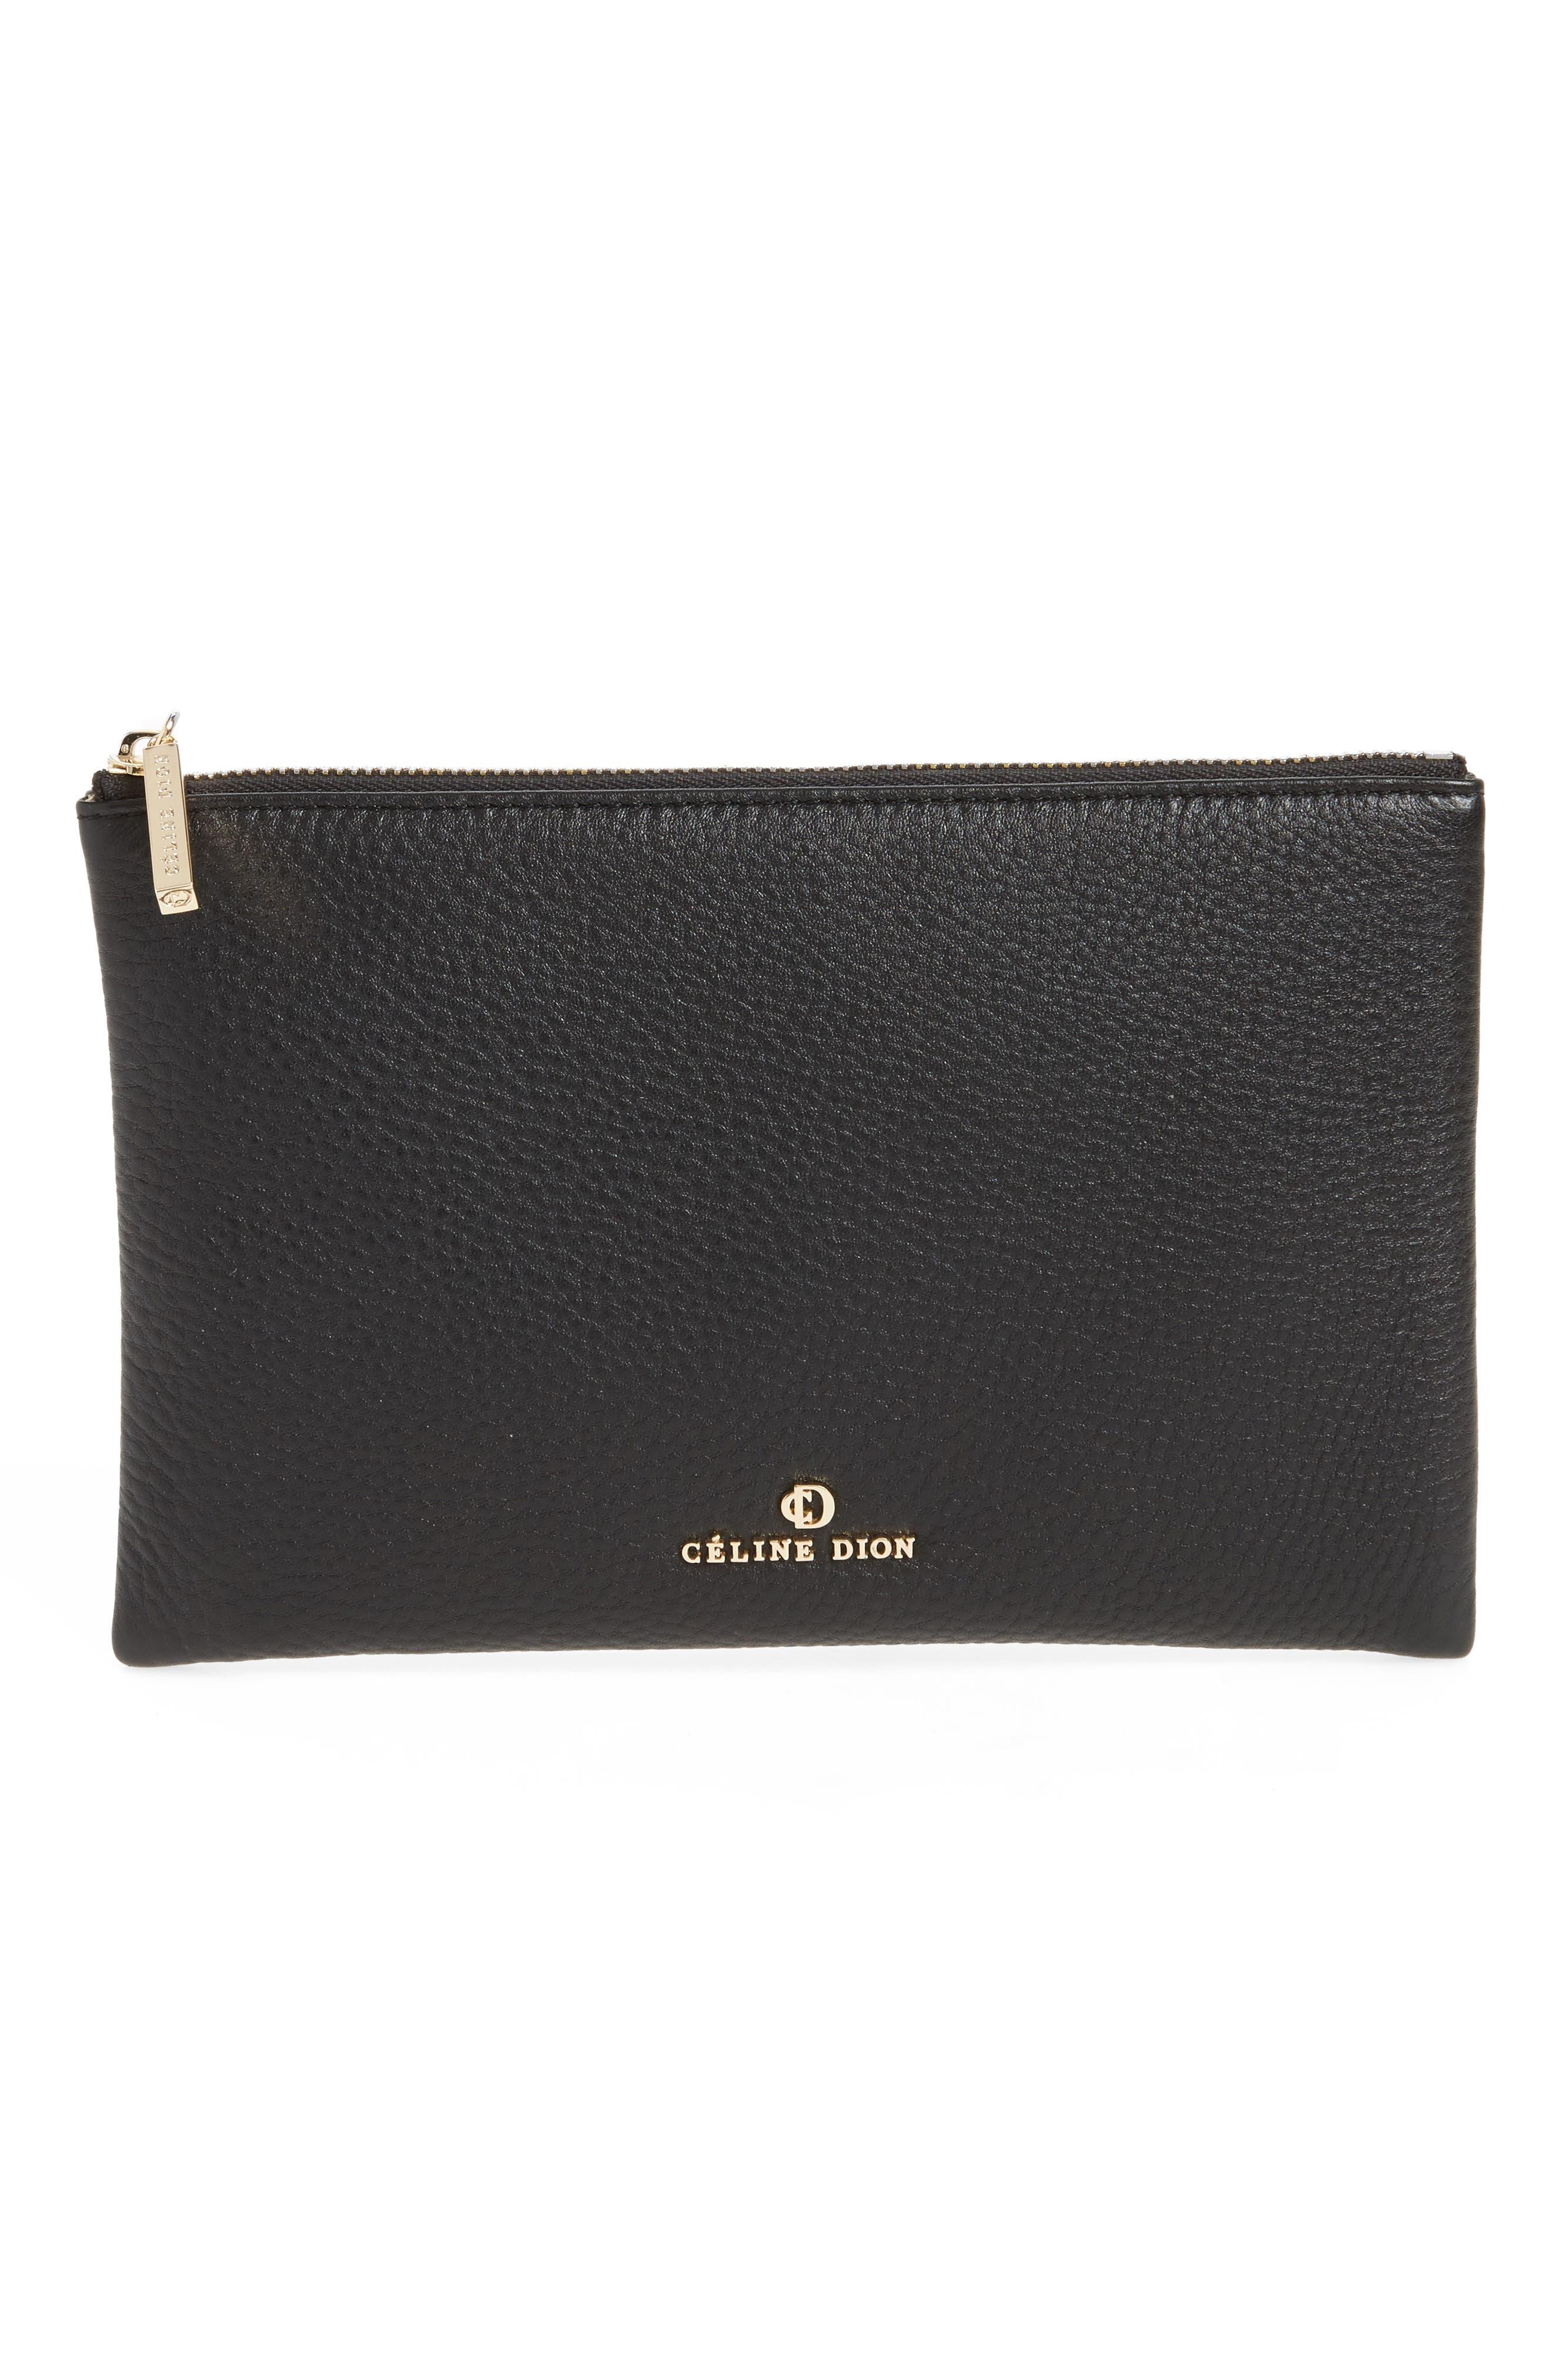 Céline Dion Adagio Leather Zip Pouch,                         Main,                         color, 001